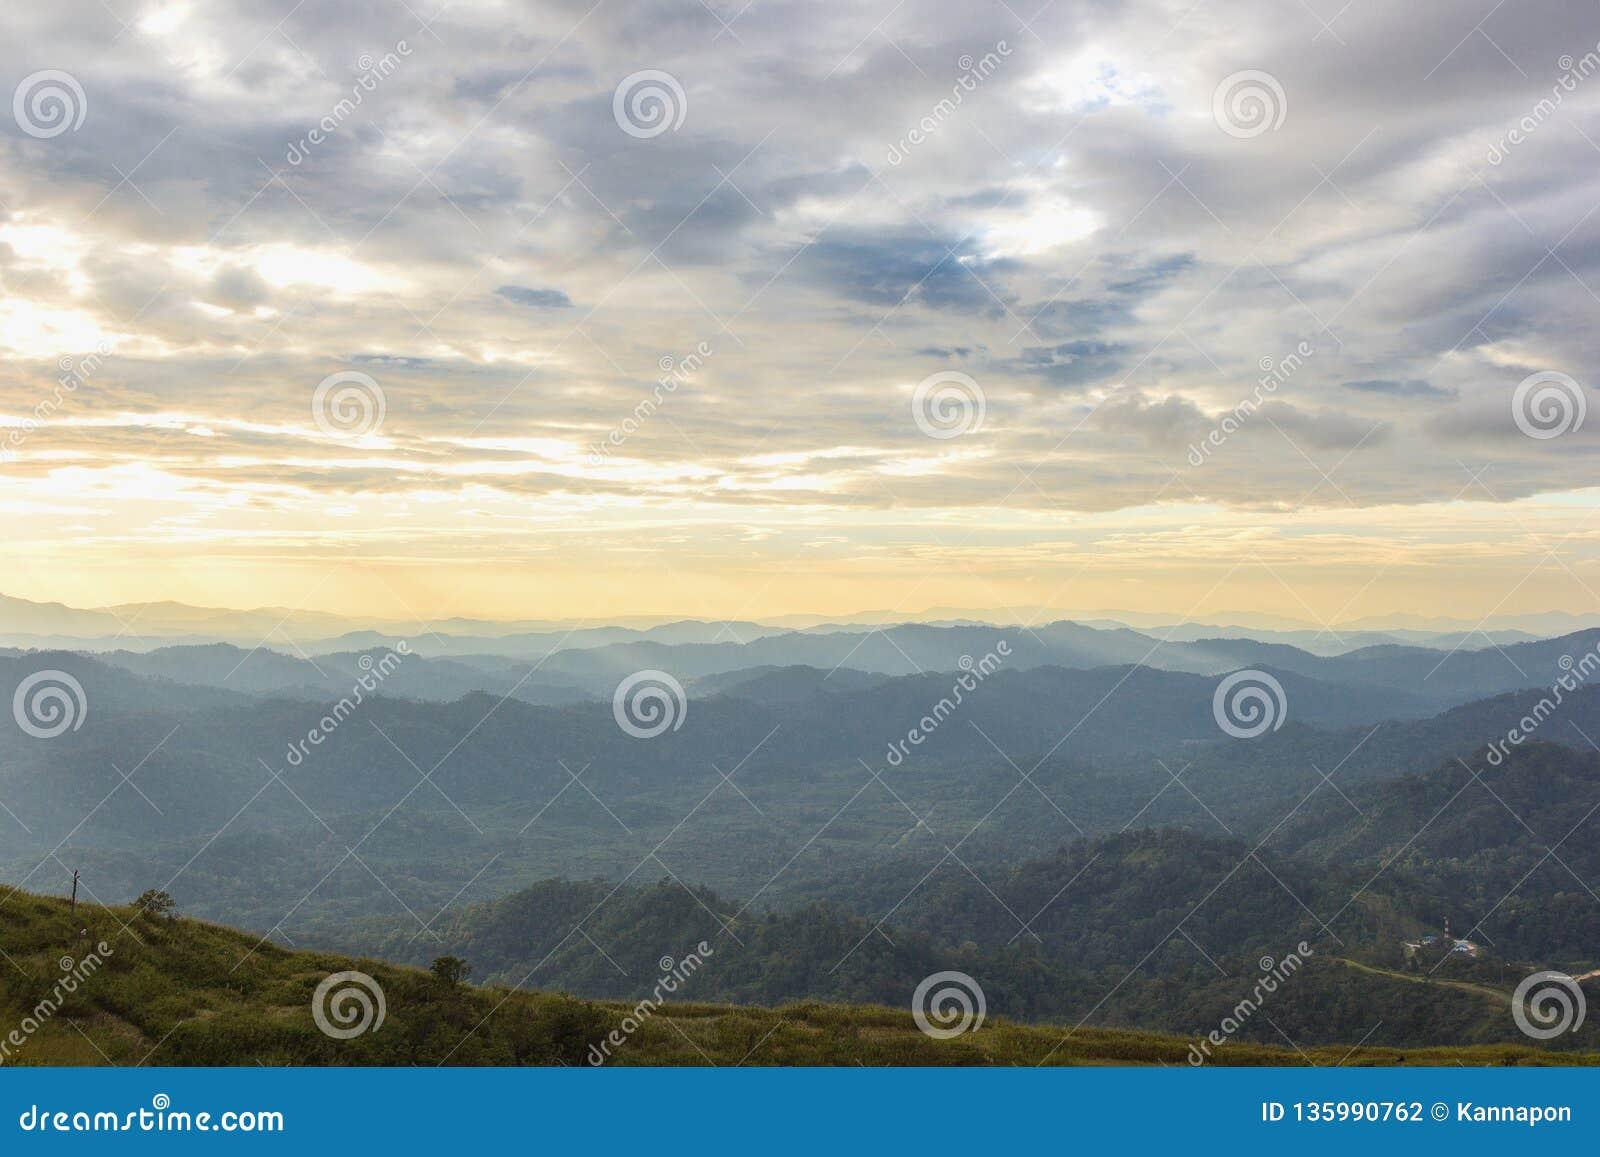 De achtergrond van Nernchang suek in zonsopgang is één van interessante plaatsen in Kanchanaburi